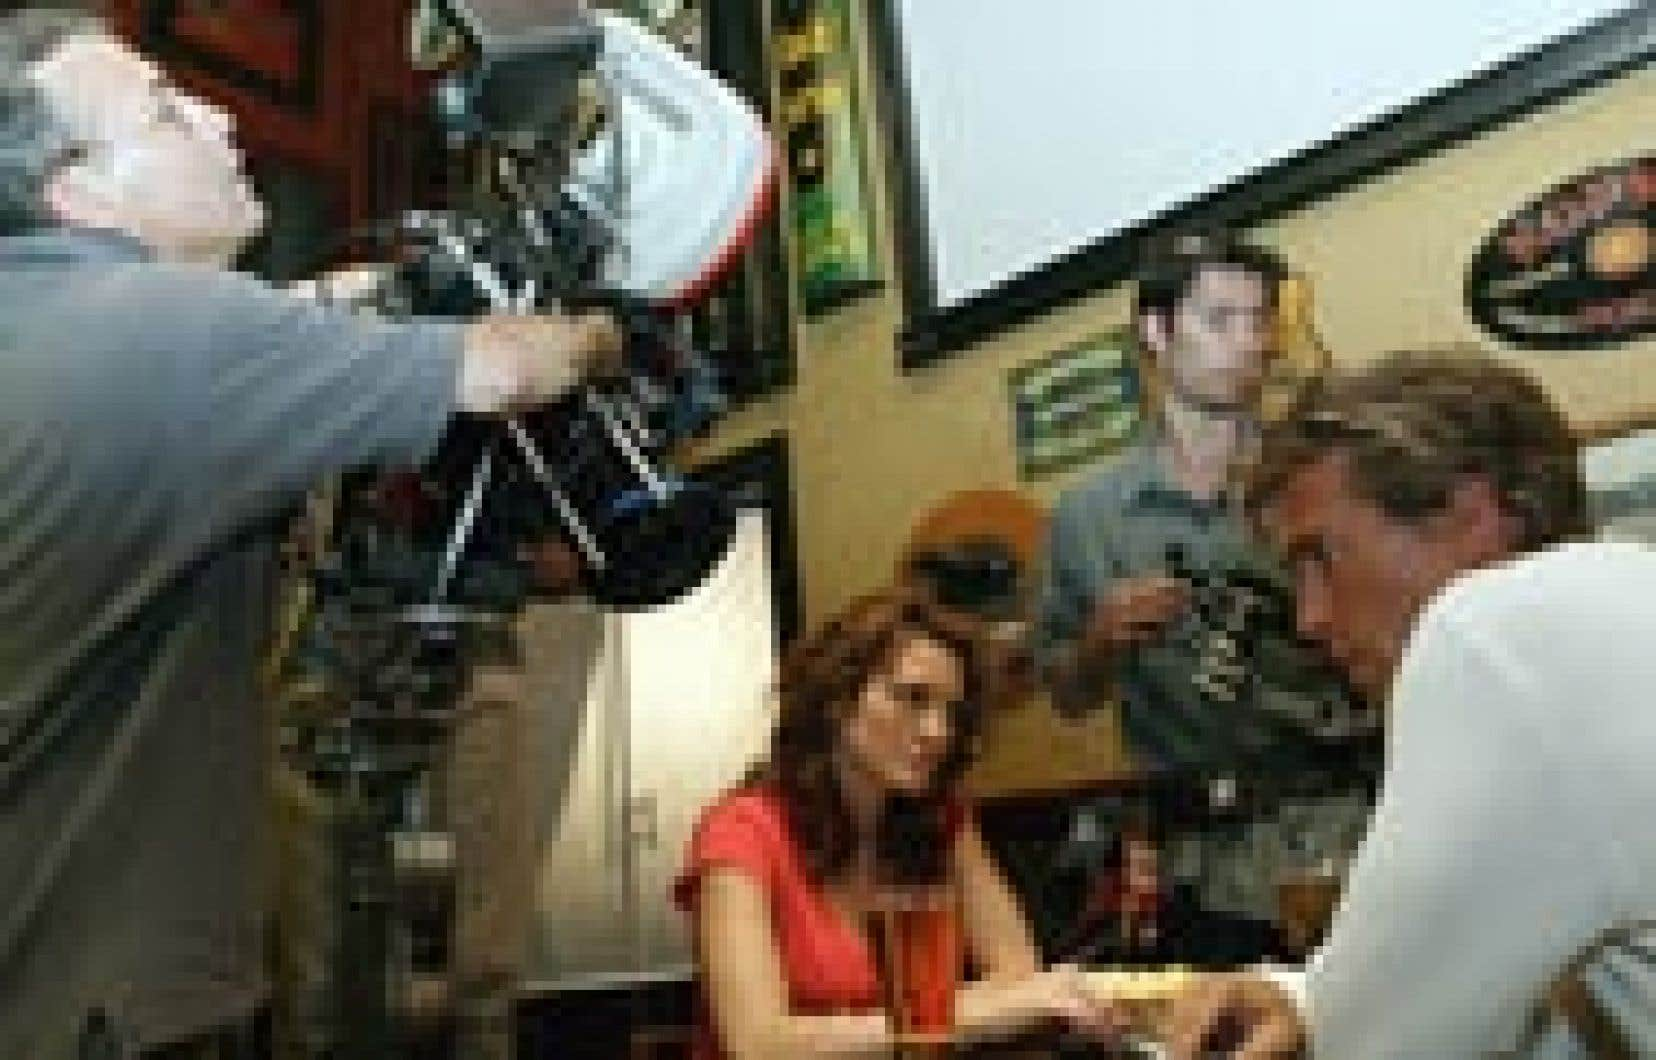 Les comédiens Lucie Laurier et Roy Dupuis se donnent la réplique dans C'est pas moi... c'est l'autre!, un film québécois coproduit avec la France et le Royaume-Uni, actuellement en tournage à Montréal. Pendant que les Américains désertent M